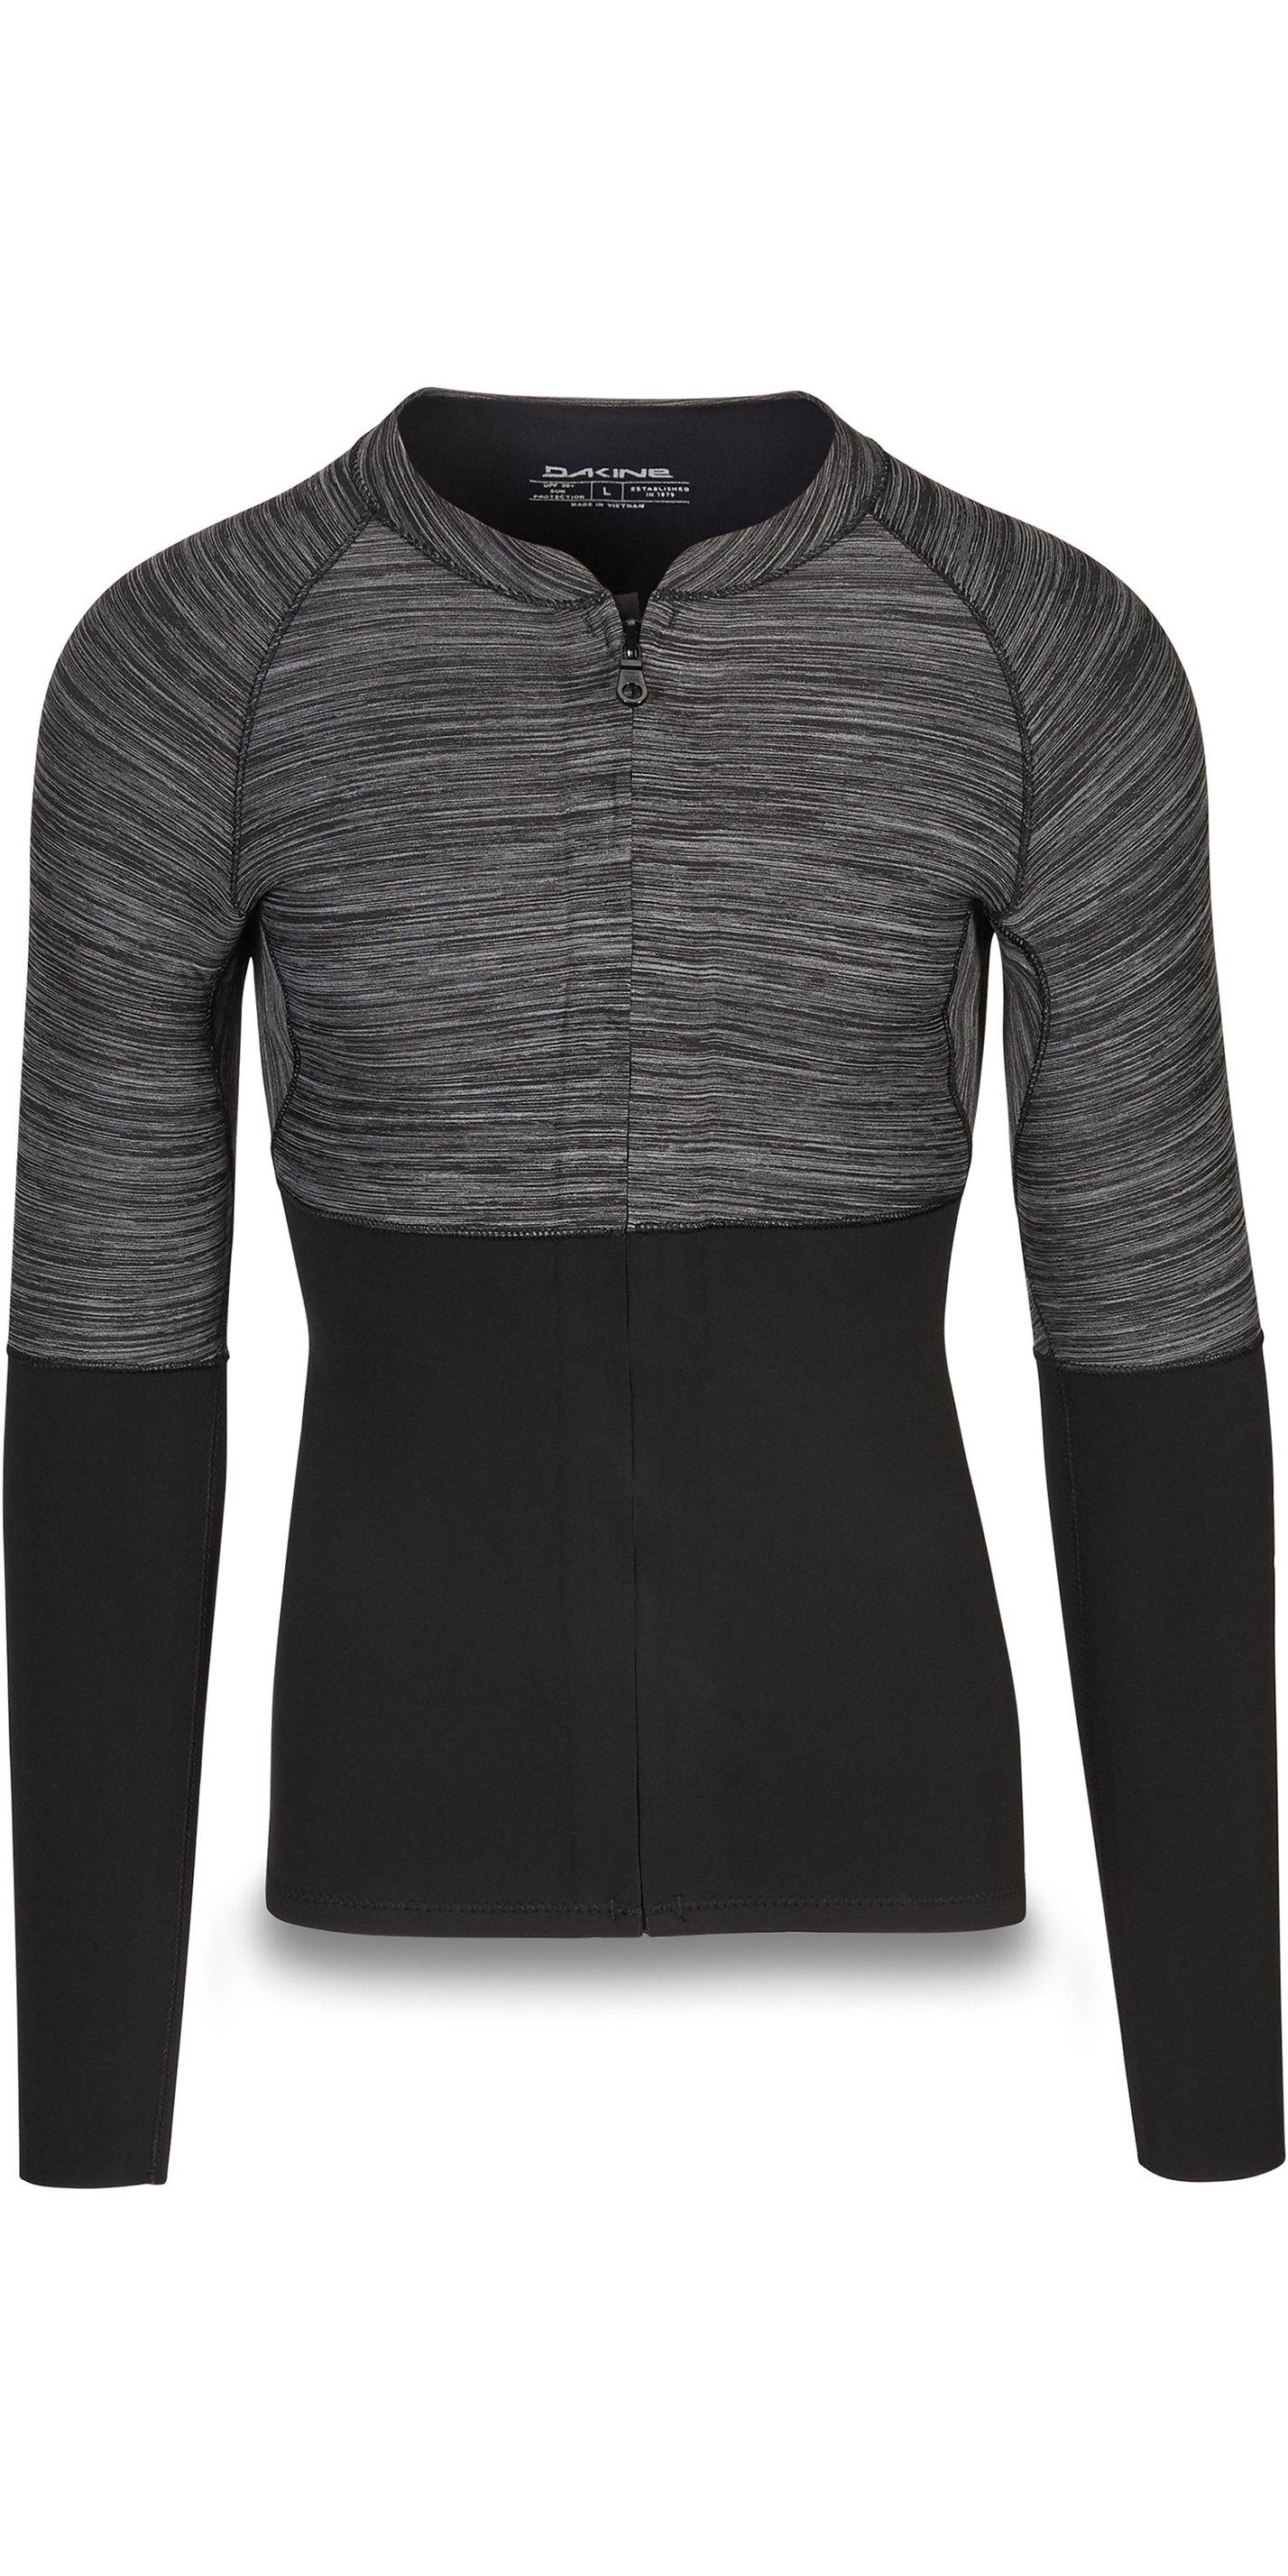 2019 Dakine Mens Long Sleeve 2mm Front Zip Neoprene Top Black 10002258